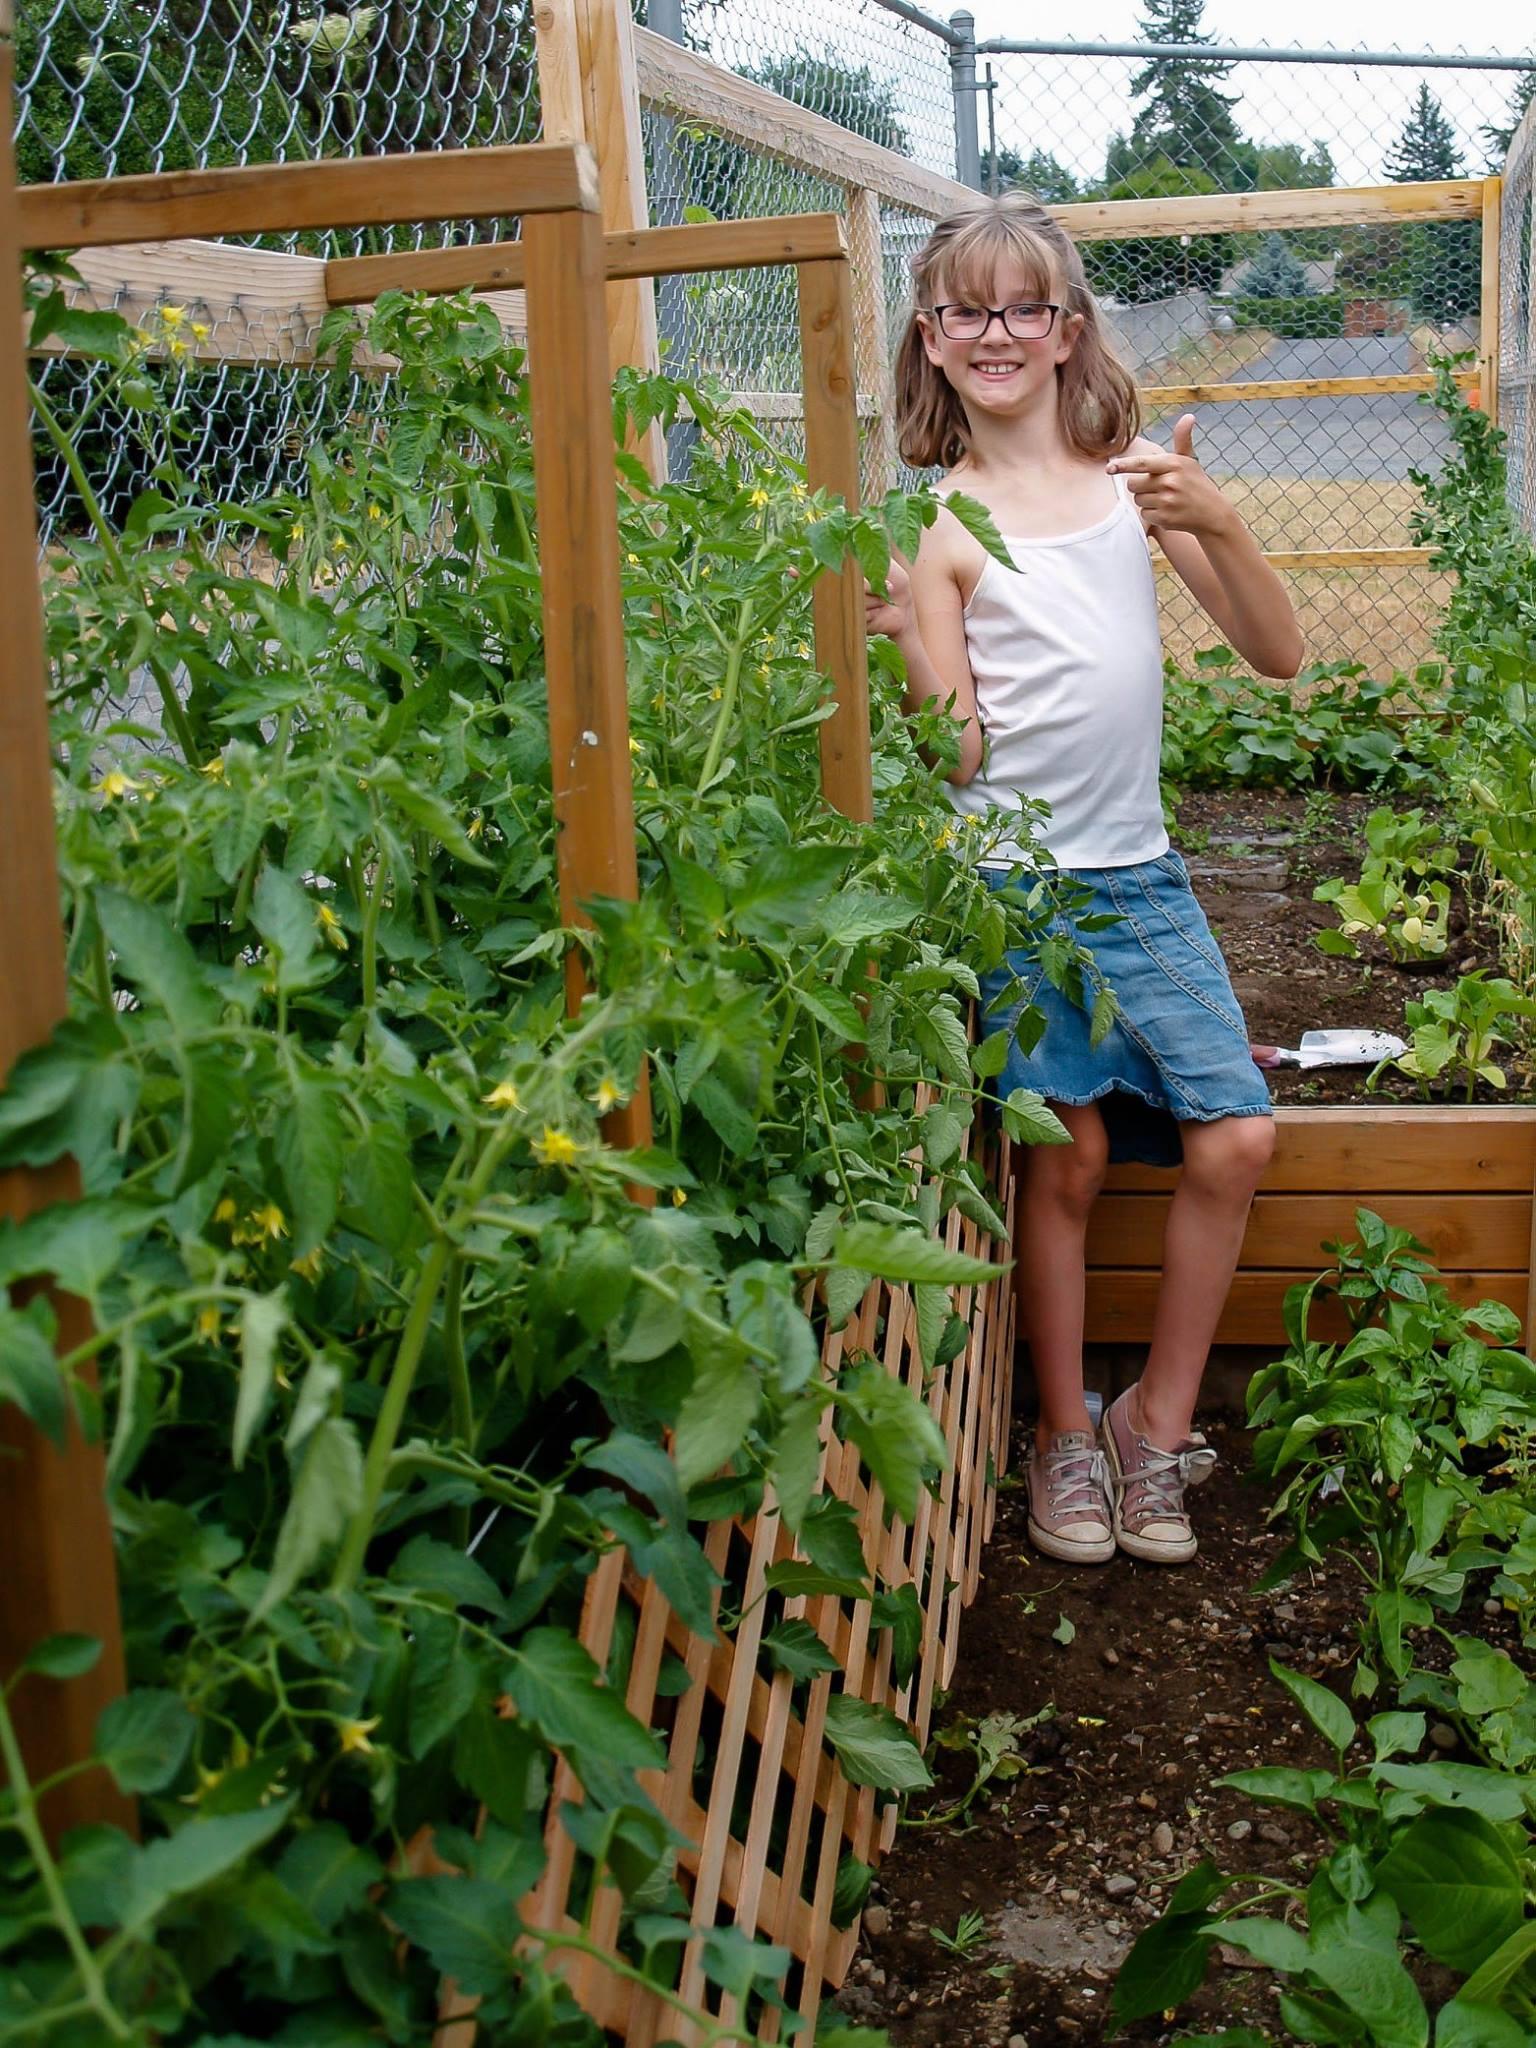 ela cultiva horta em casa 2